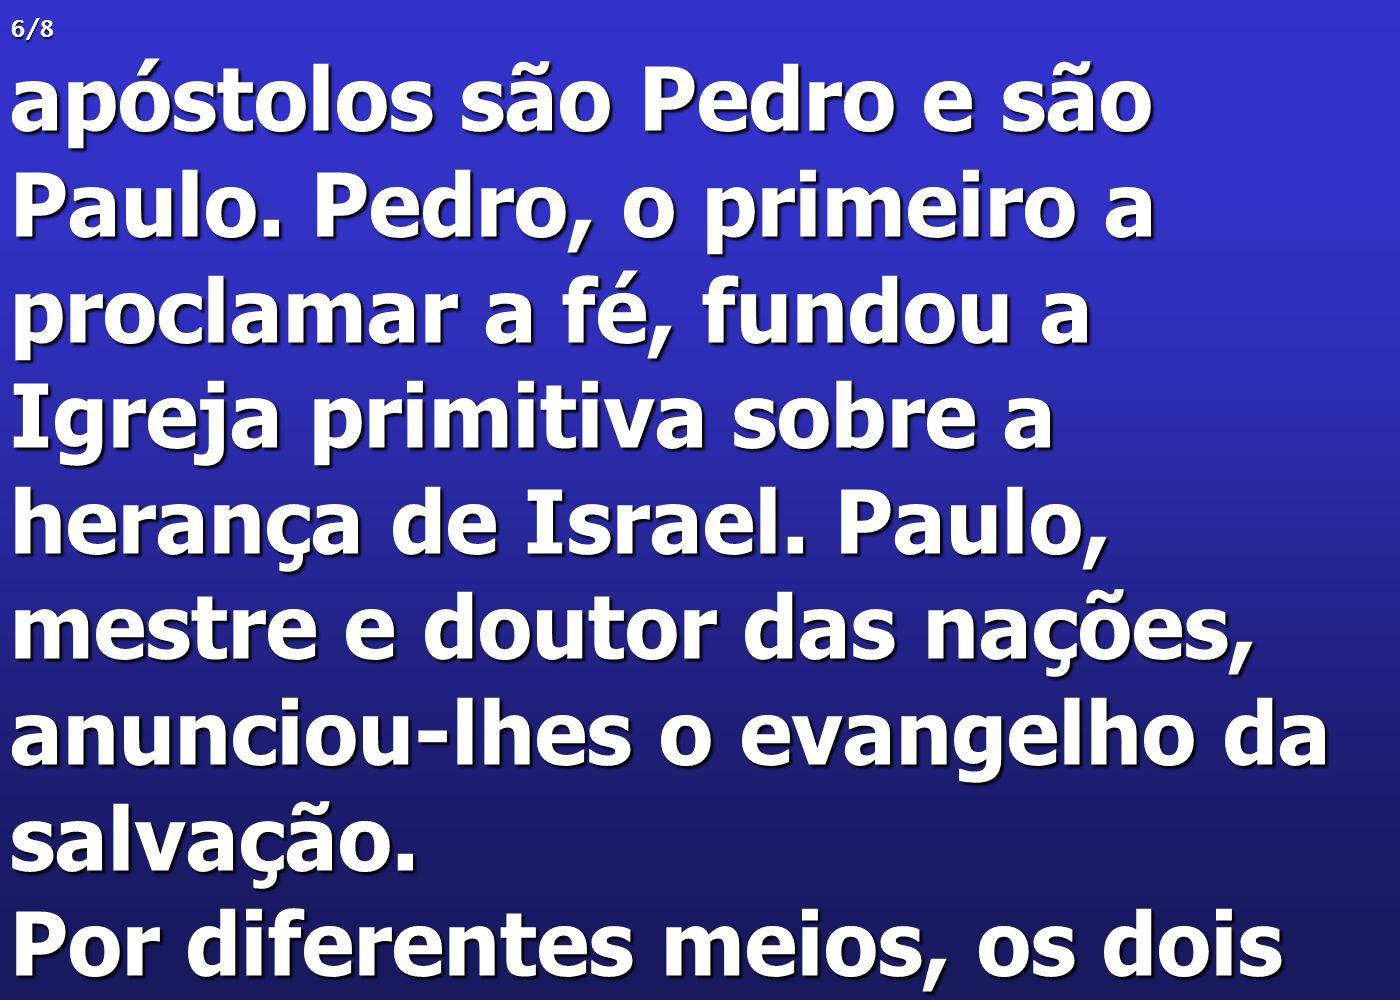 6/8 apóstolos são Pedro e são Paulo. Pedro, o primeiro a proclamar a fé, fundou a Igreja primitiva sobre a herança de Israel. Paulo, mestre e doutor d